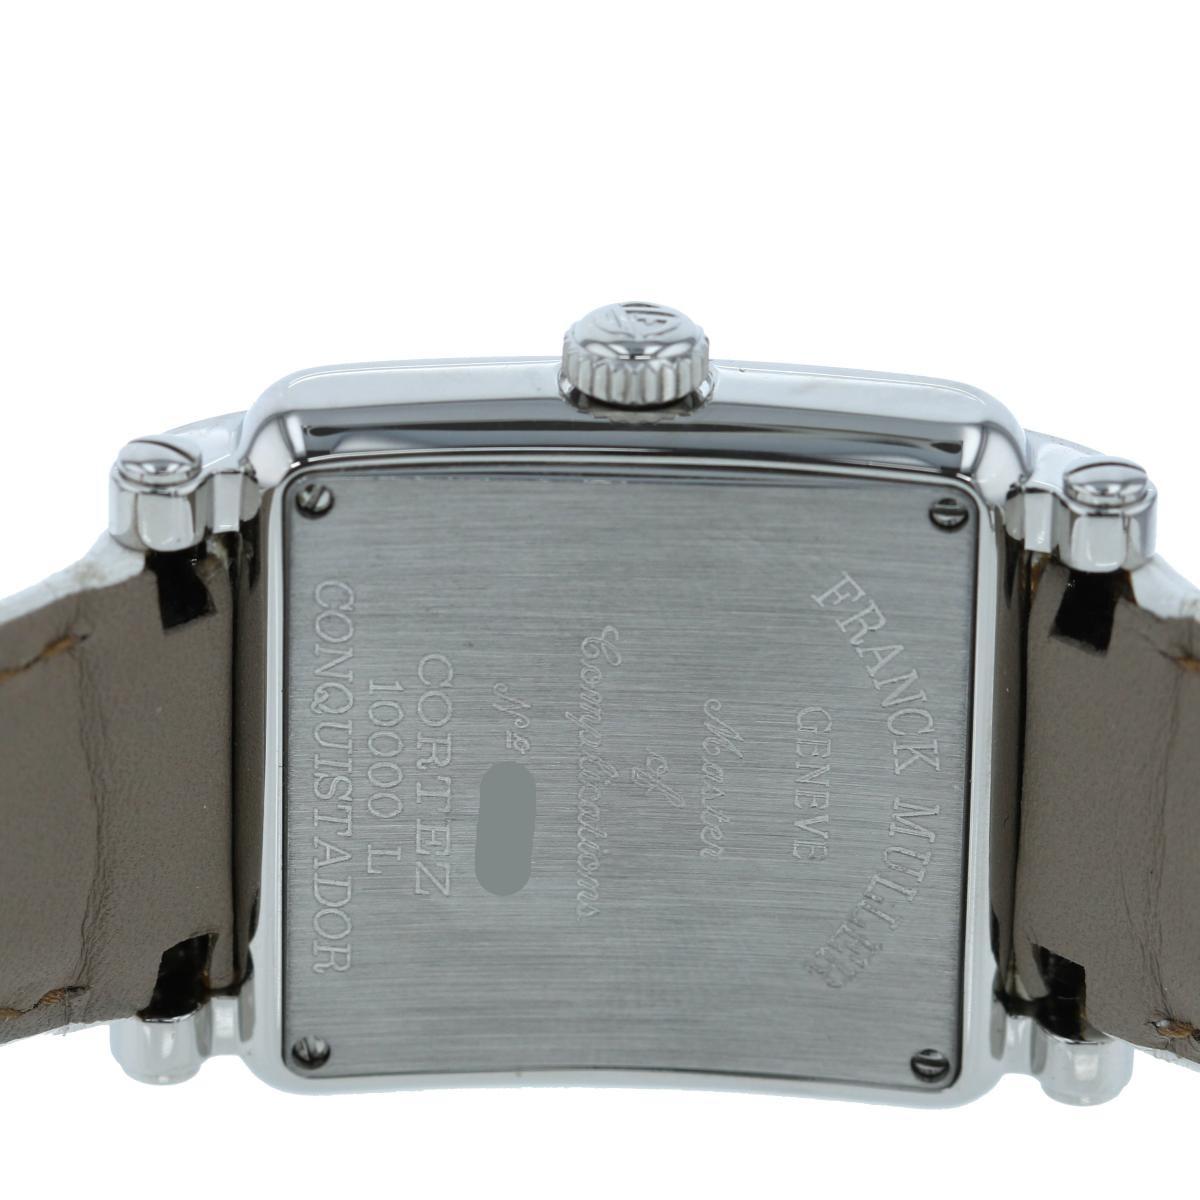 【お値下げ品】【美品】【中古】FRANCK MULLER (フランクミュラー) コンキスタドール コルテス 時計 自動巻/レディース コンキスタドール Silver/シルバー 10000L used:A